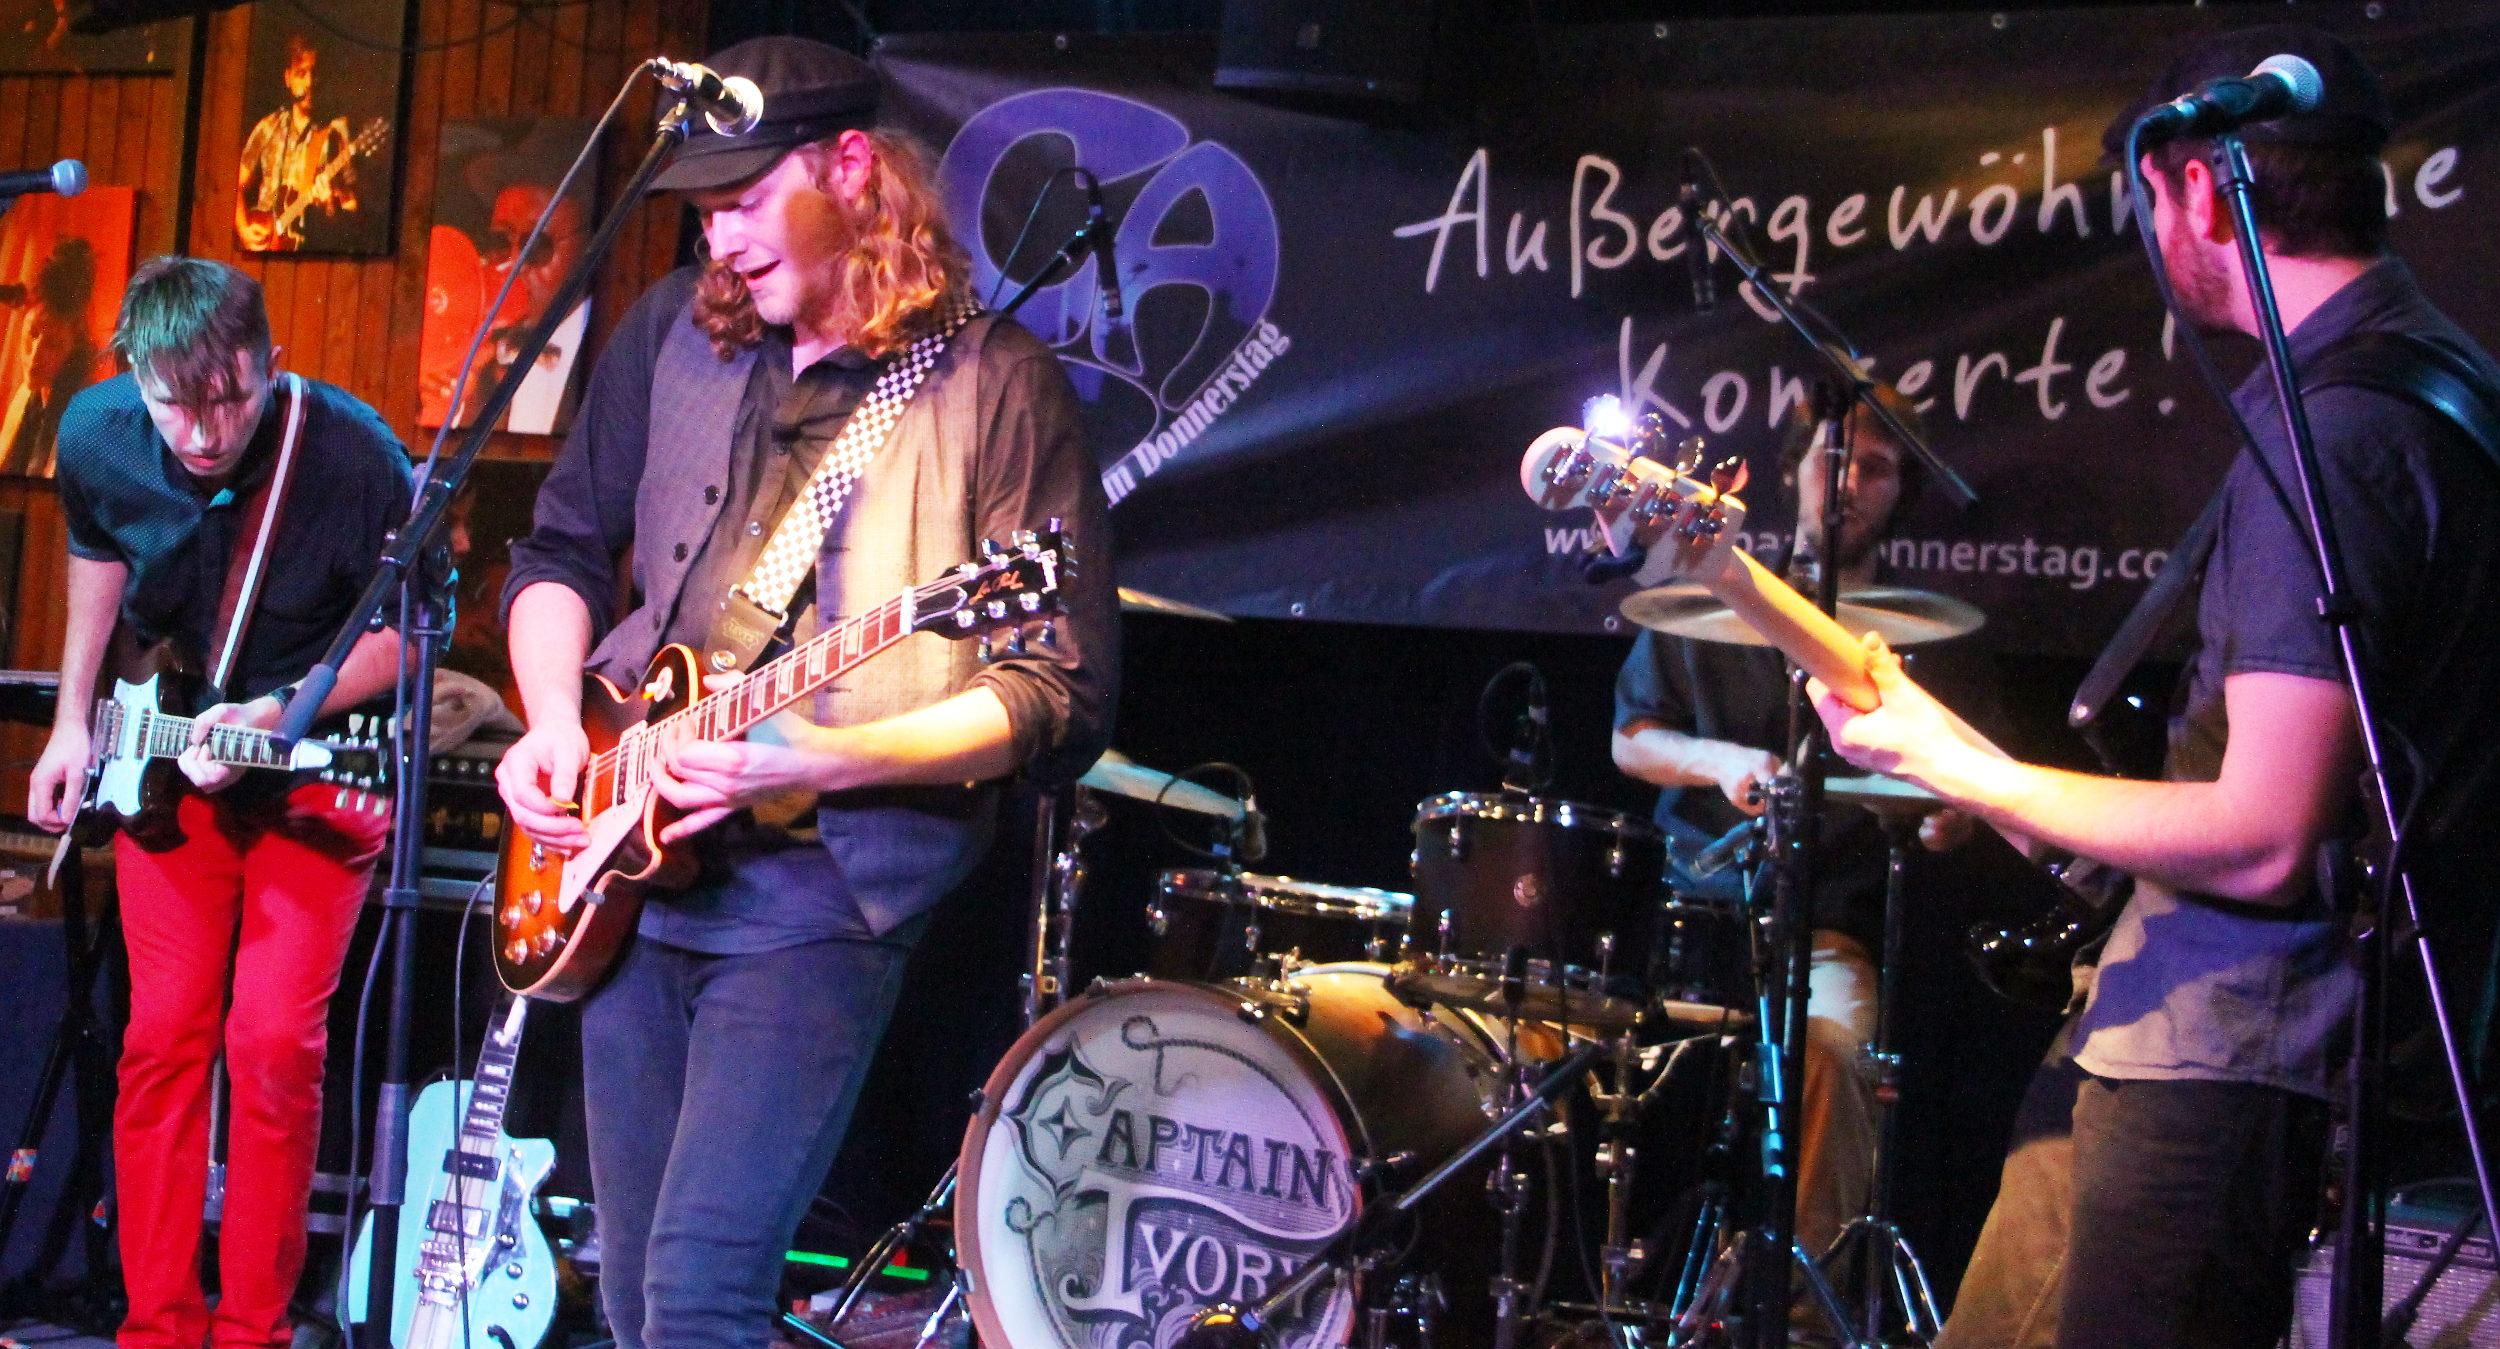 captain ivory, Rock'n'Roll, Musik, Band, Konzert, Auftritt, Veranstaltung, Club am Donnerstag, Bergedorf, Bergedorf Blog, HEIDI VOM LANDE, USA,